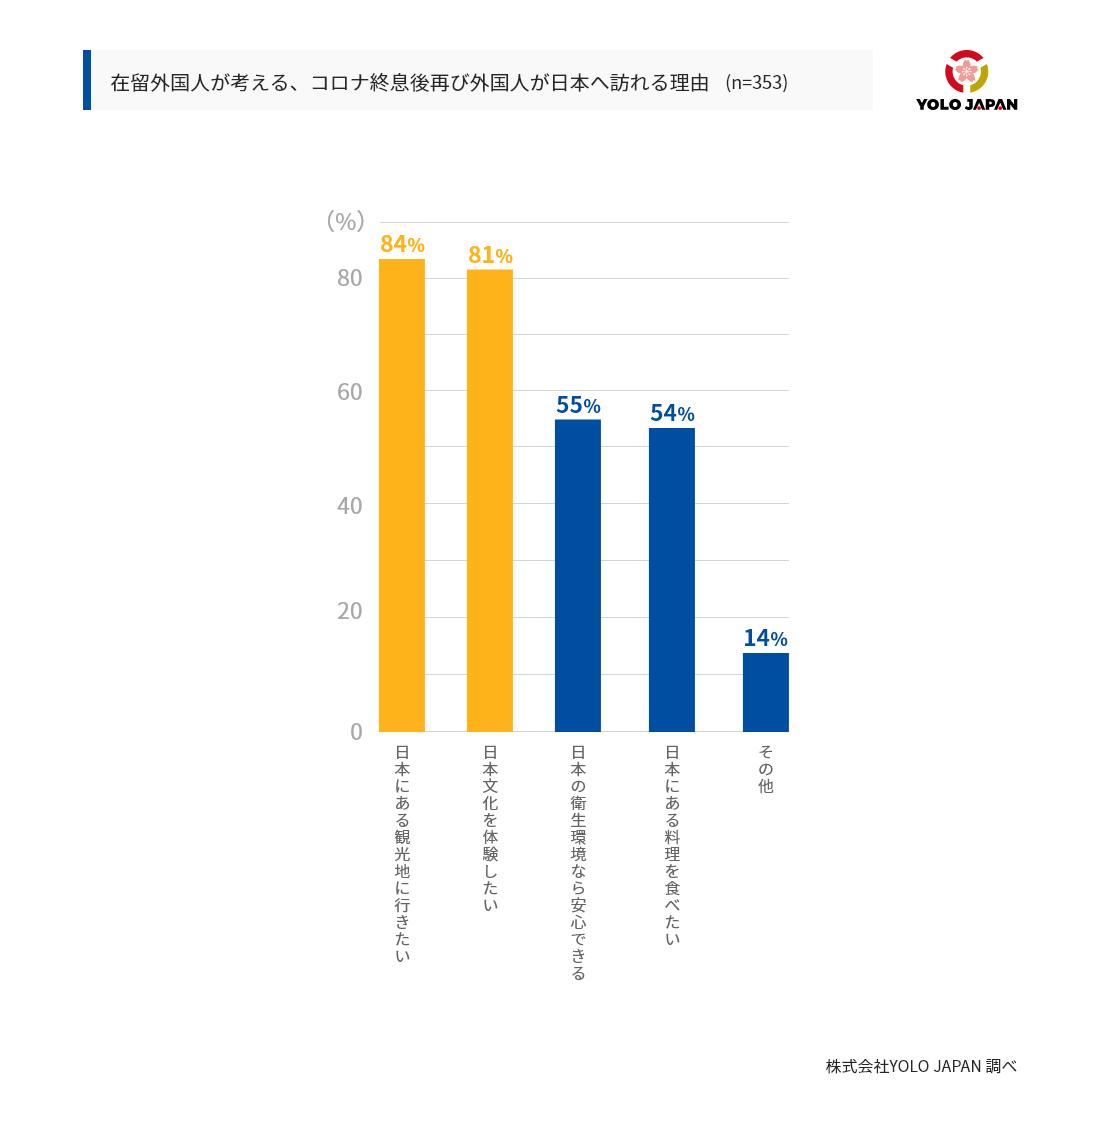 在留外国人が考える、コロナ終息後再び外国人が日本へ訪れる理由の表。最も票が多かったのは、「日本にある観光地に行きたい」で84%であった。時点で「日本の文化を体験したい」が81%であった。